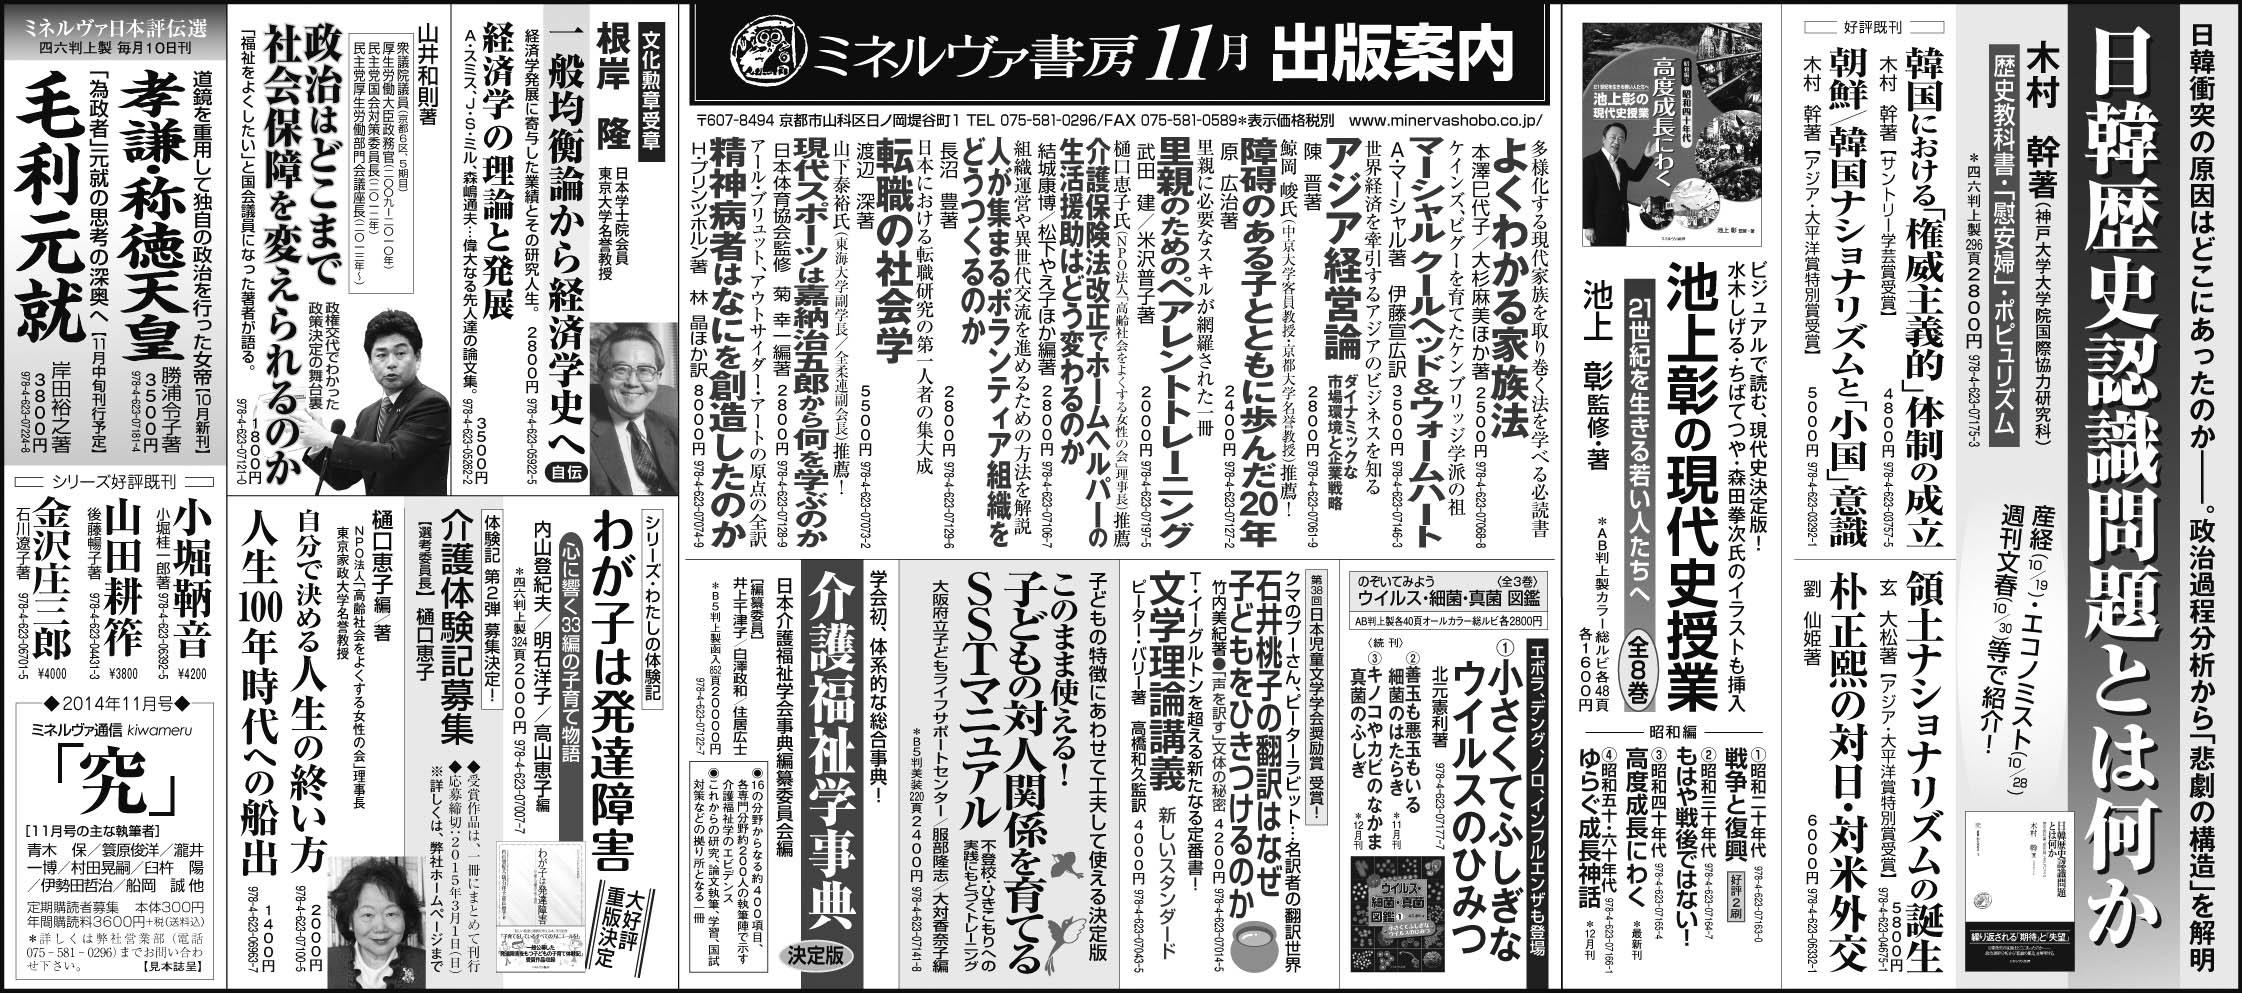 読売新聞全5段広告2014年11月13日掲載